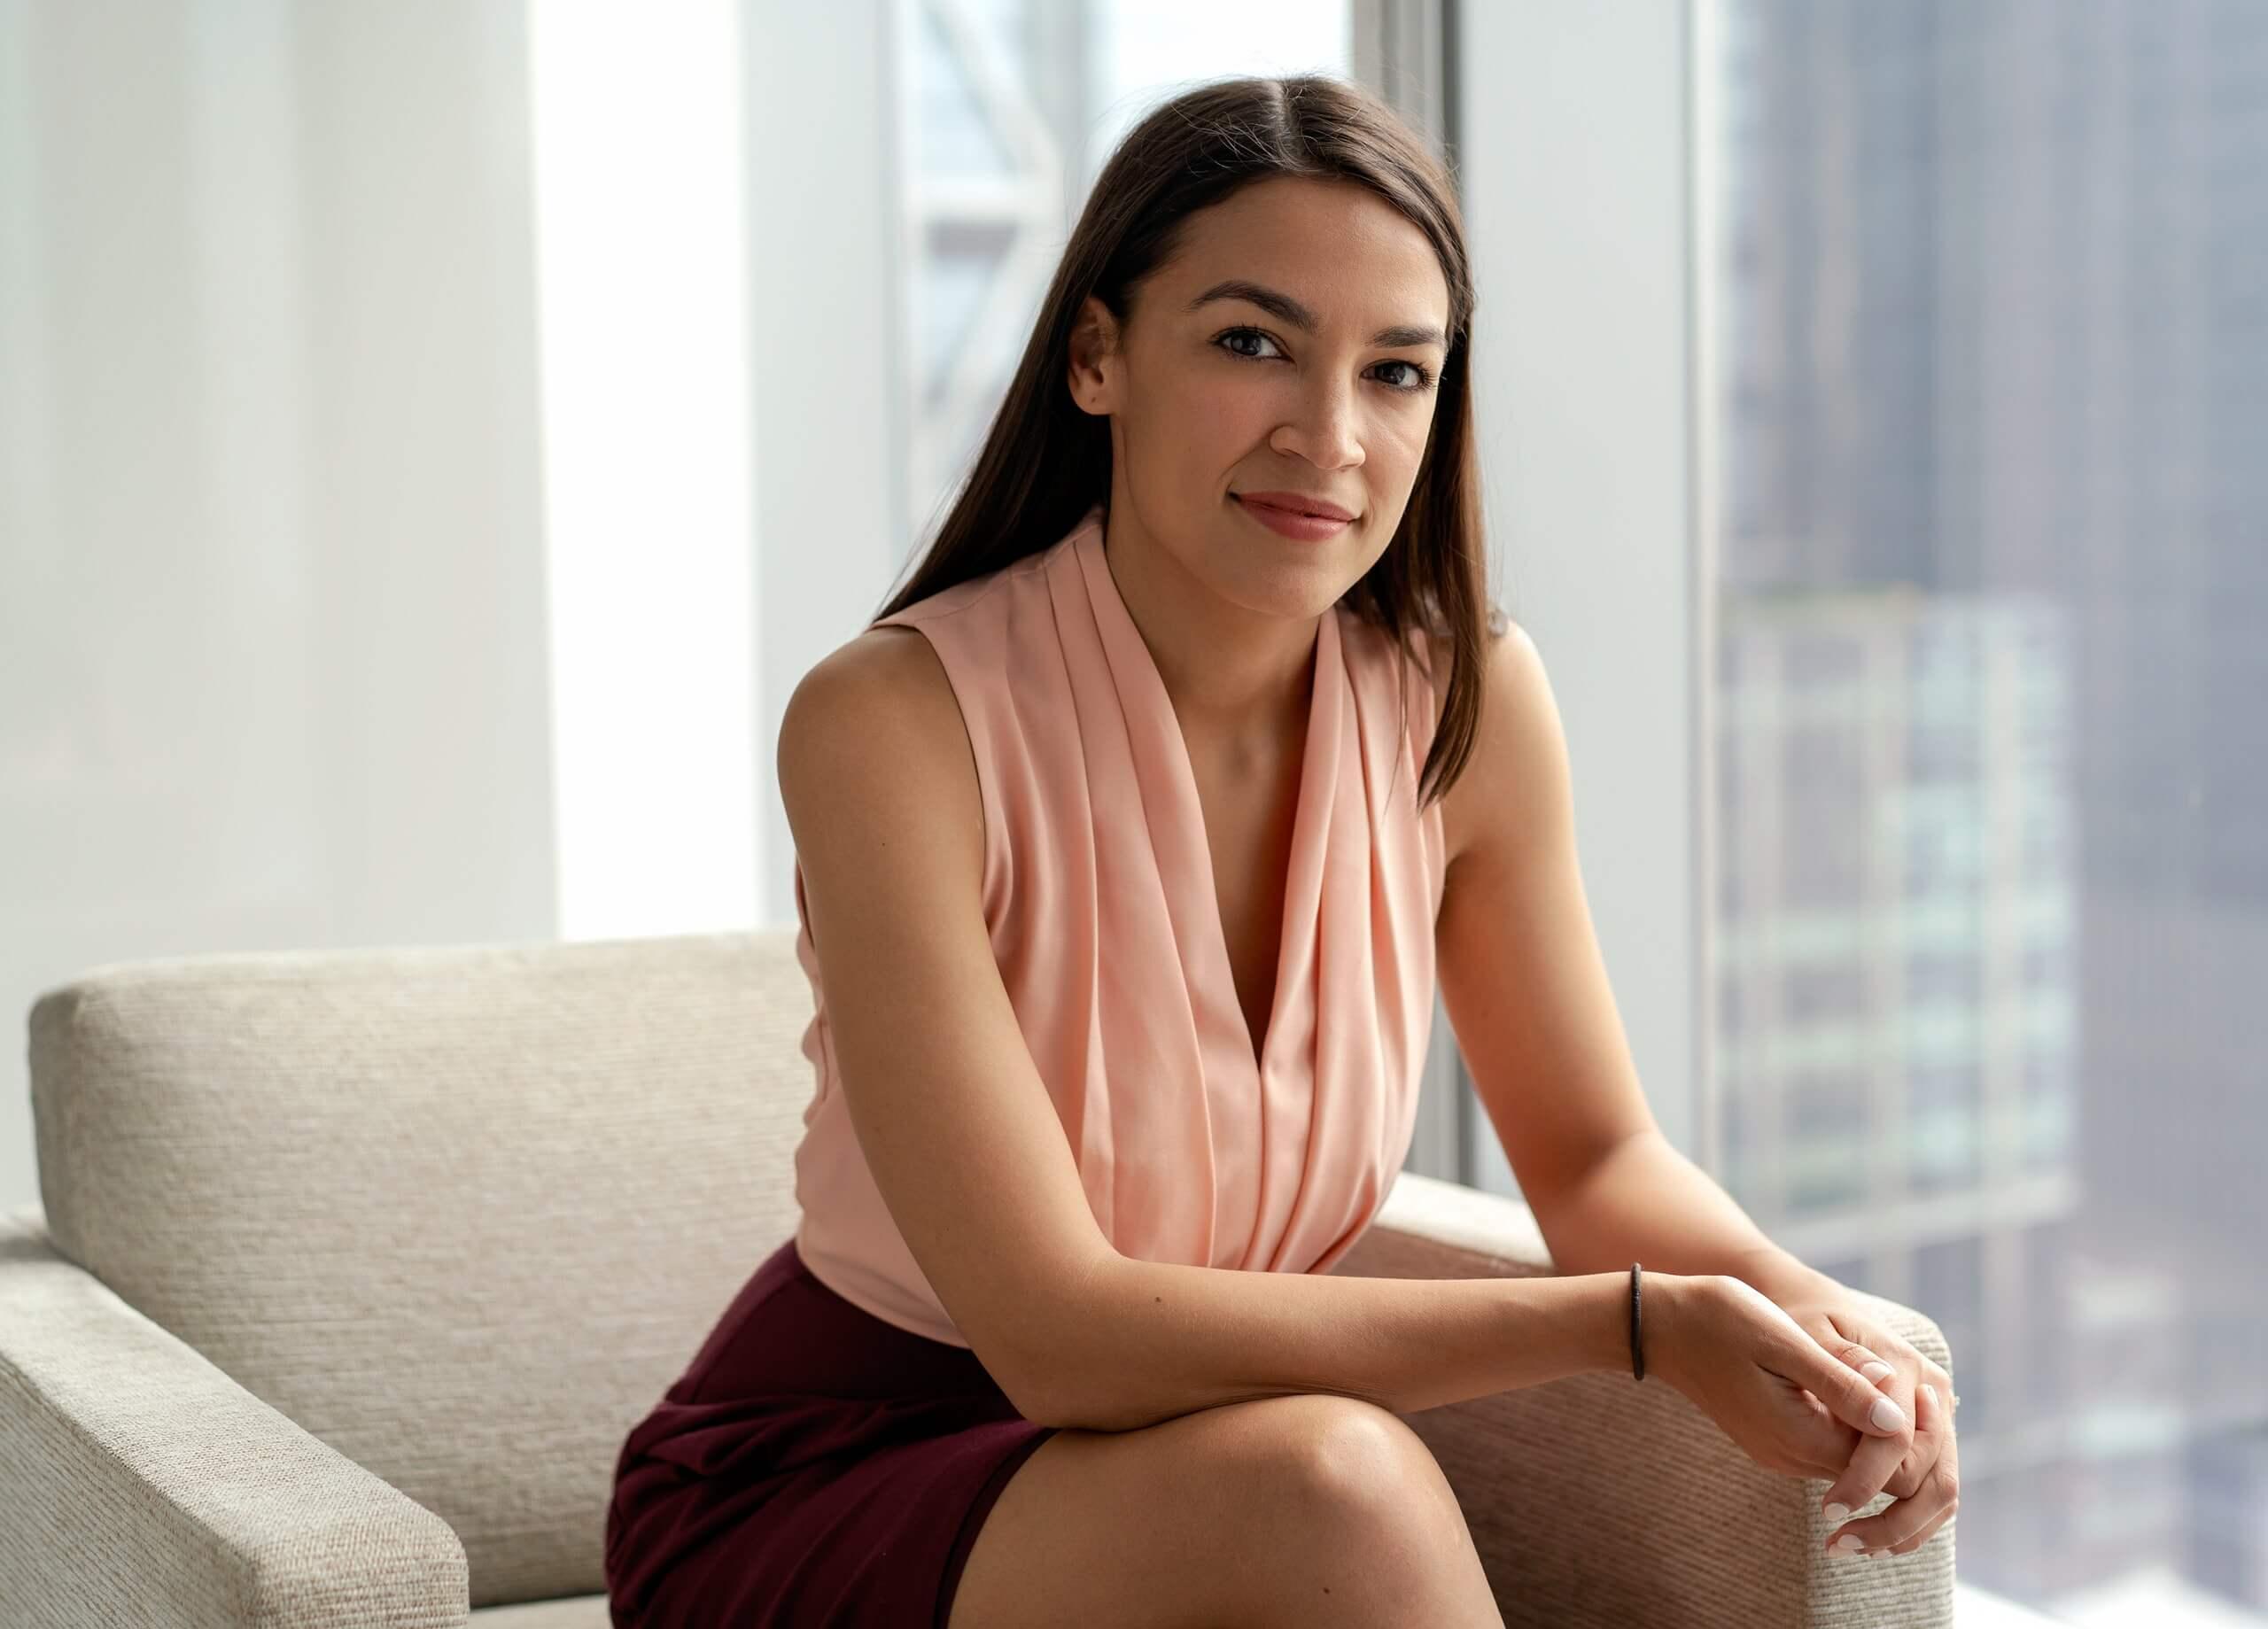 Amerikalı siyasetçi Alexandria Ocasio-Cortez 430 binden daha fazla kişi tarafından izlendi